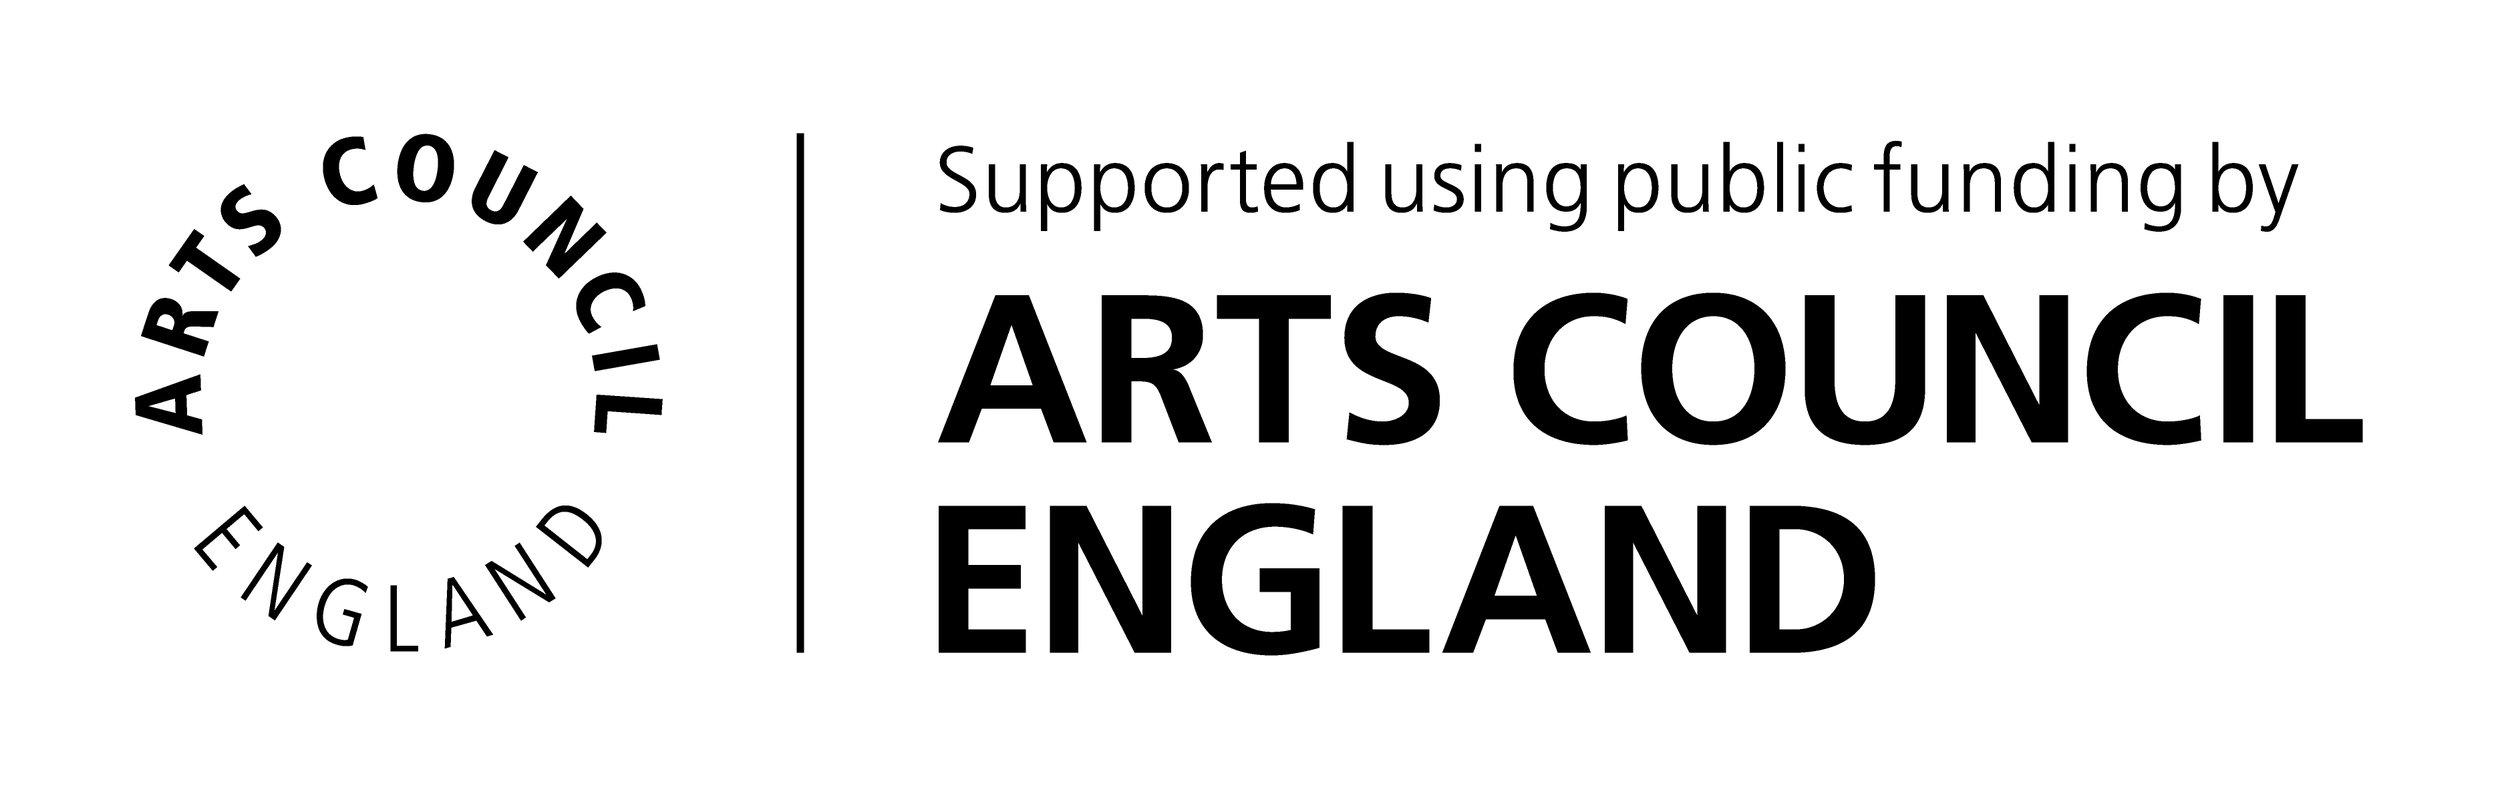 Arts Council grant_jpeg_black copy.jpg